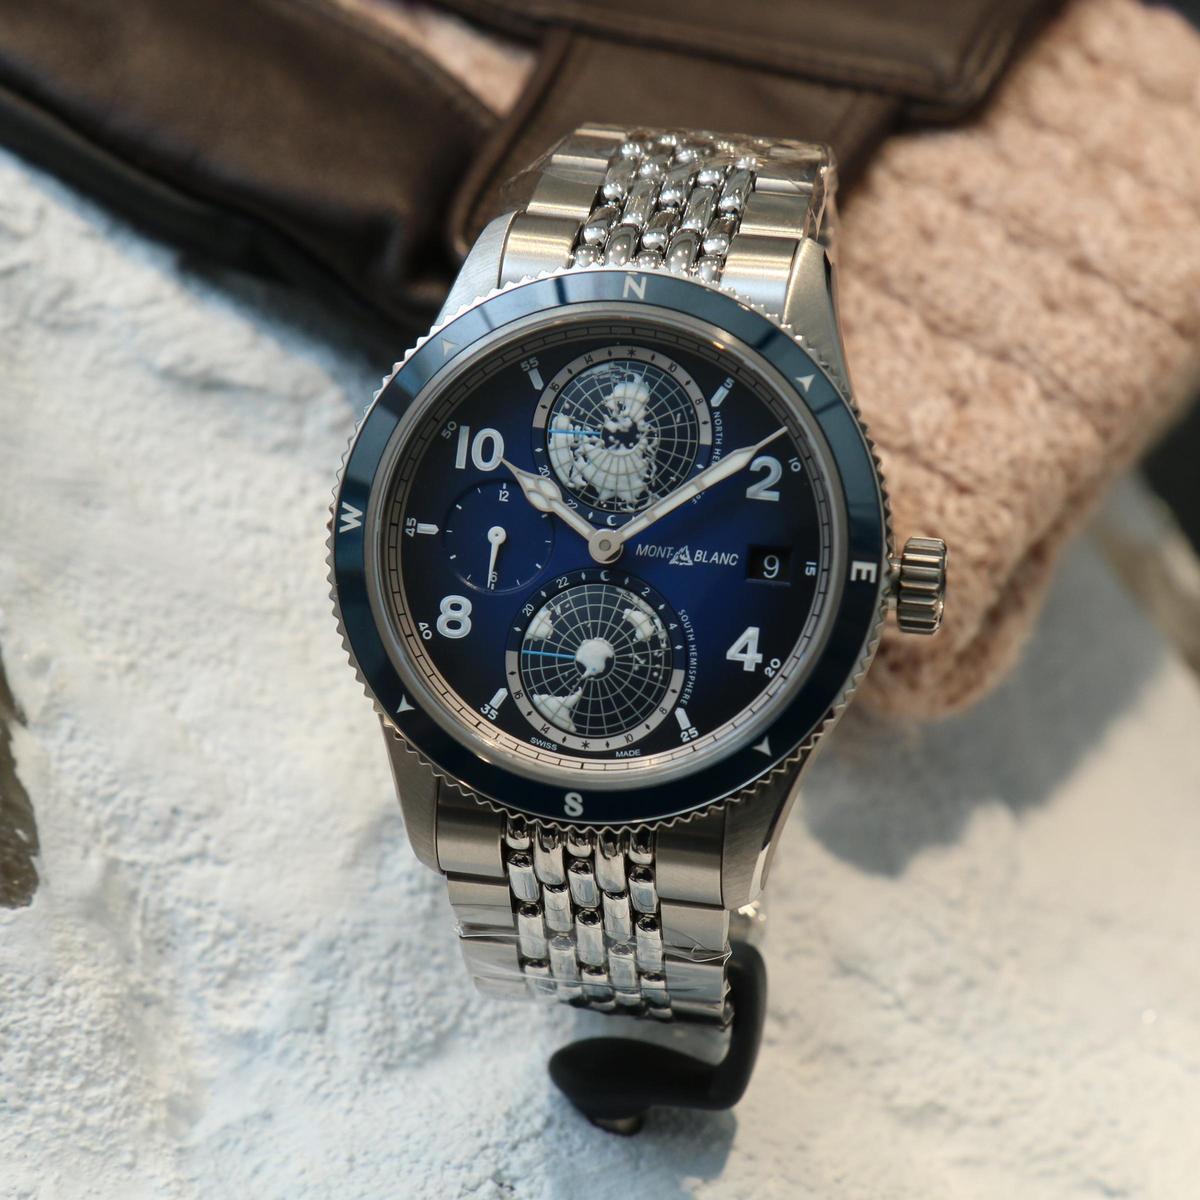 1858系列Geosphere世界時腕錶,鈦金屬材質錶殼,首度裝配復古造型的鏈帶,更採用「雙材質」組合,中間珠鏈為不鏽鋼,兩側為鈦金屬材質。定價NT$204,100。